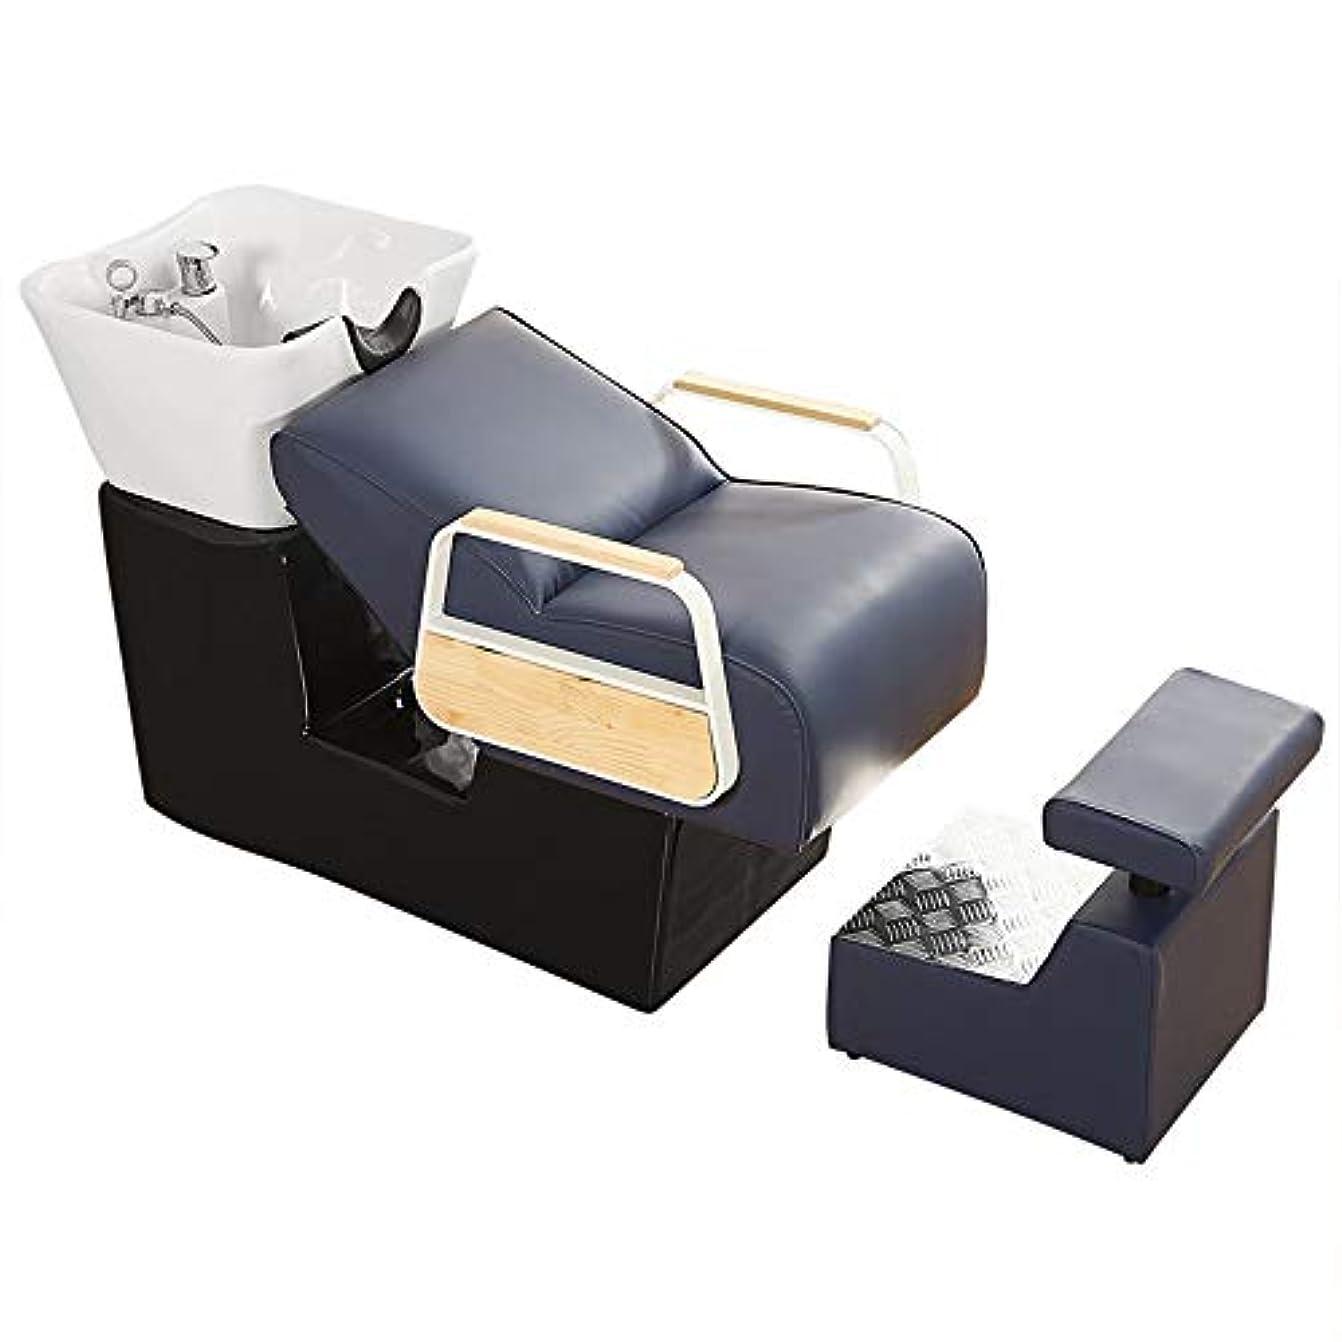 起こりやすい手術息子シャンプーの椅子、逆洗の単位の陶磁器の洗面器の洗面器のための洗面器のボウル理髪シンクの椅子